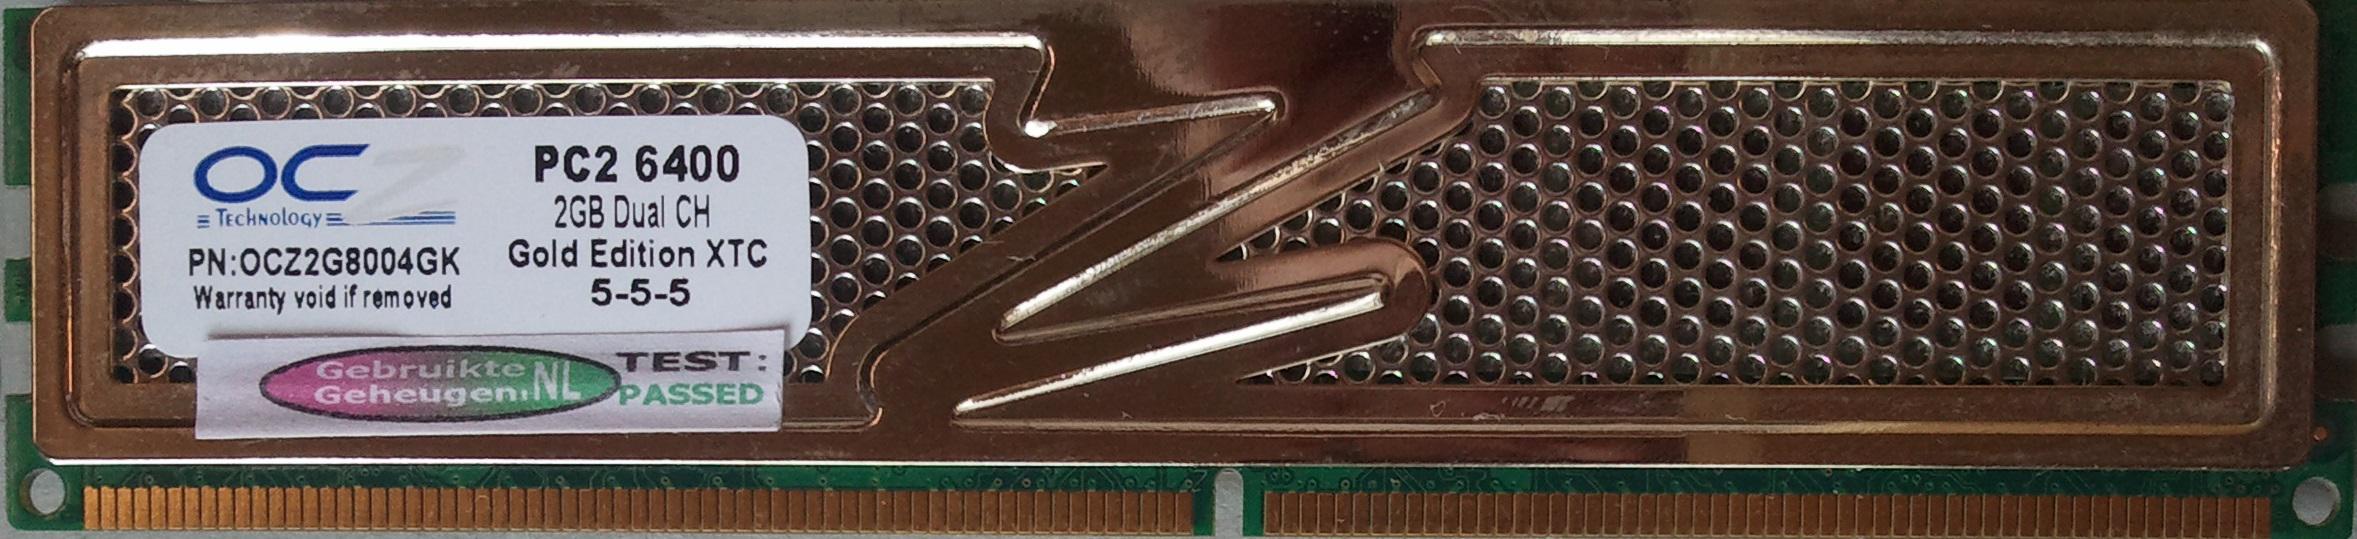 OCZ 2GB DDR2 PC2-6400U 800MHz